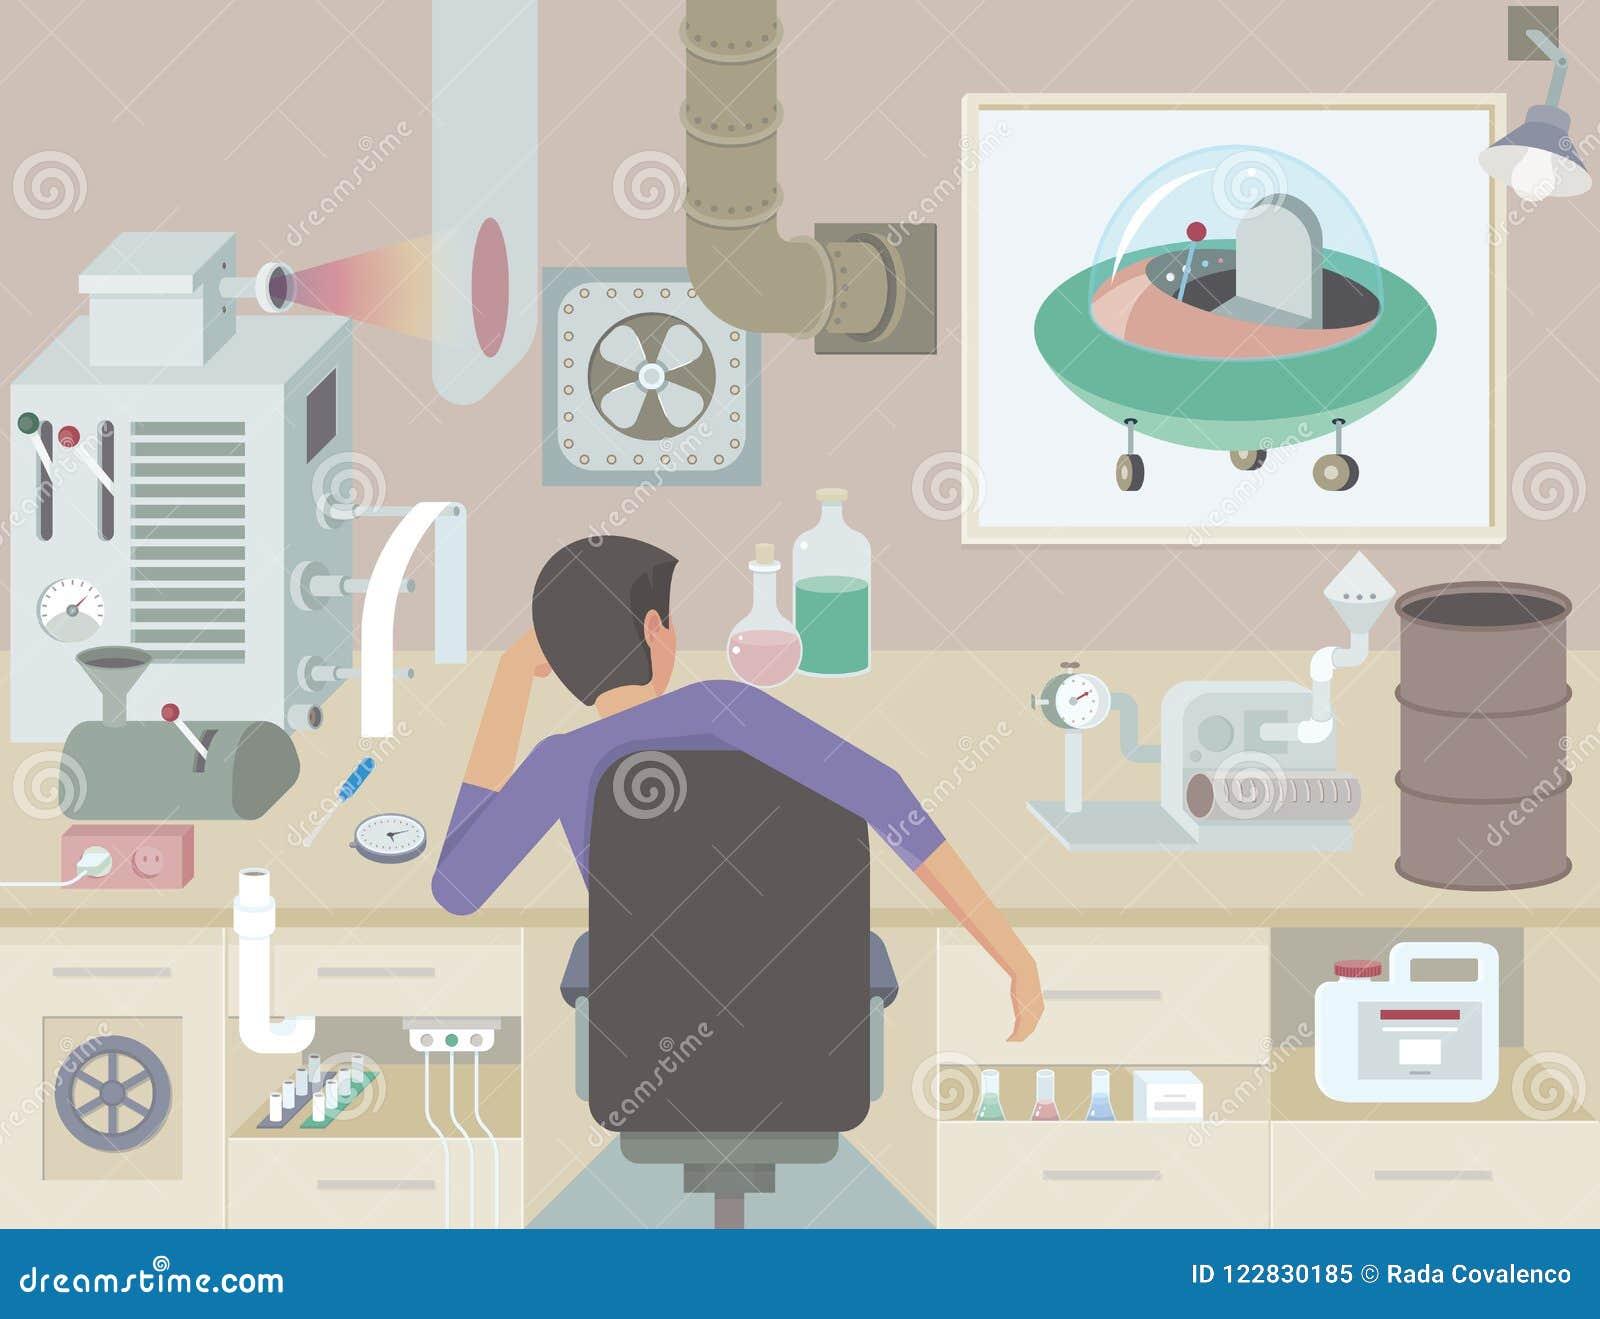 El inventor en el trabajo